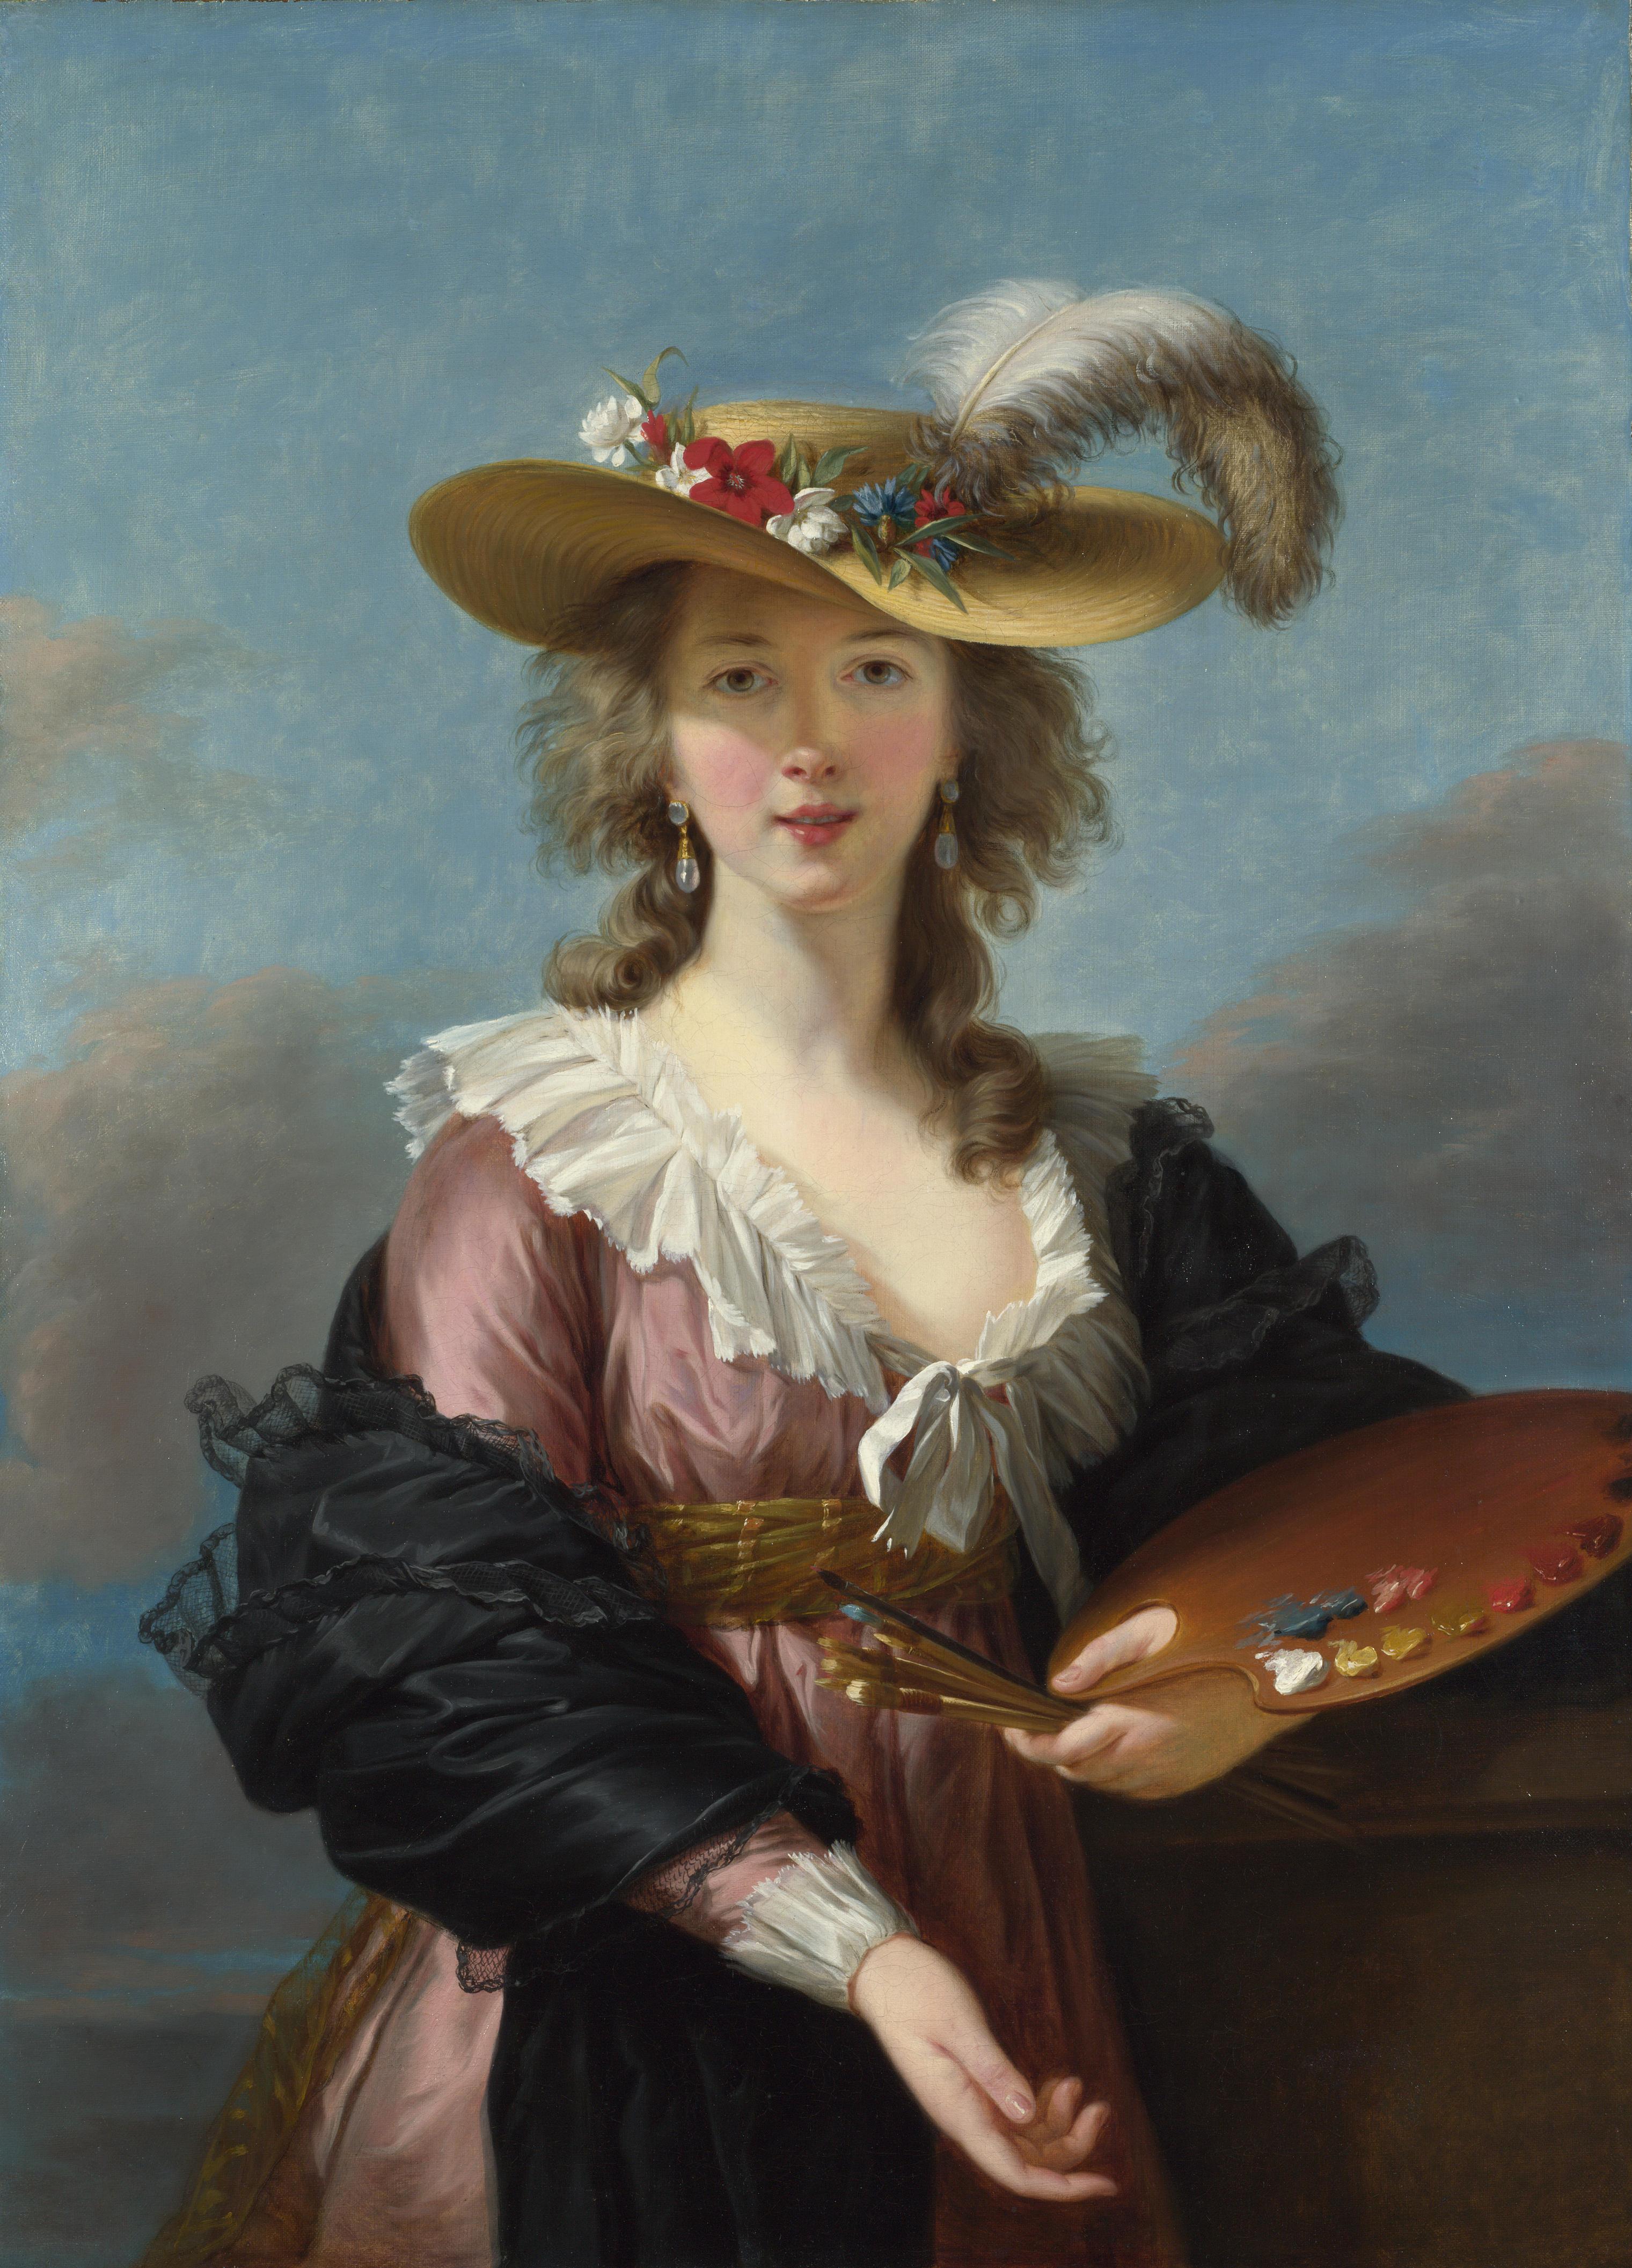 אליזבט ויז'ה-לה ברון -הציירת שכבשה את האמנות בזמן המהפכות